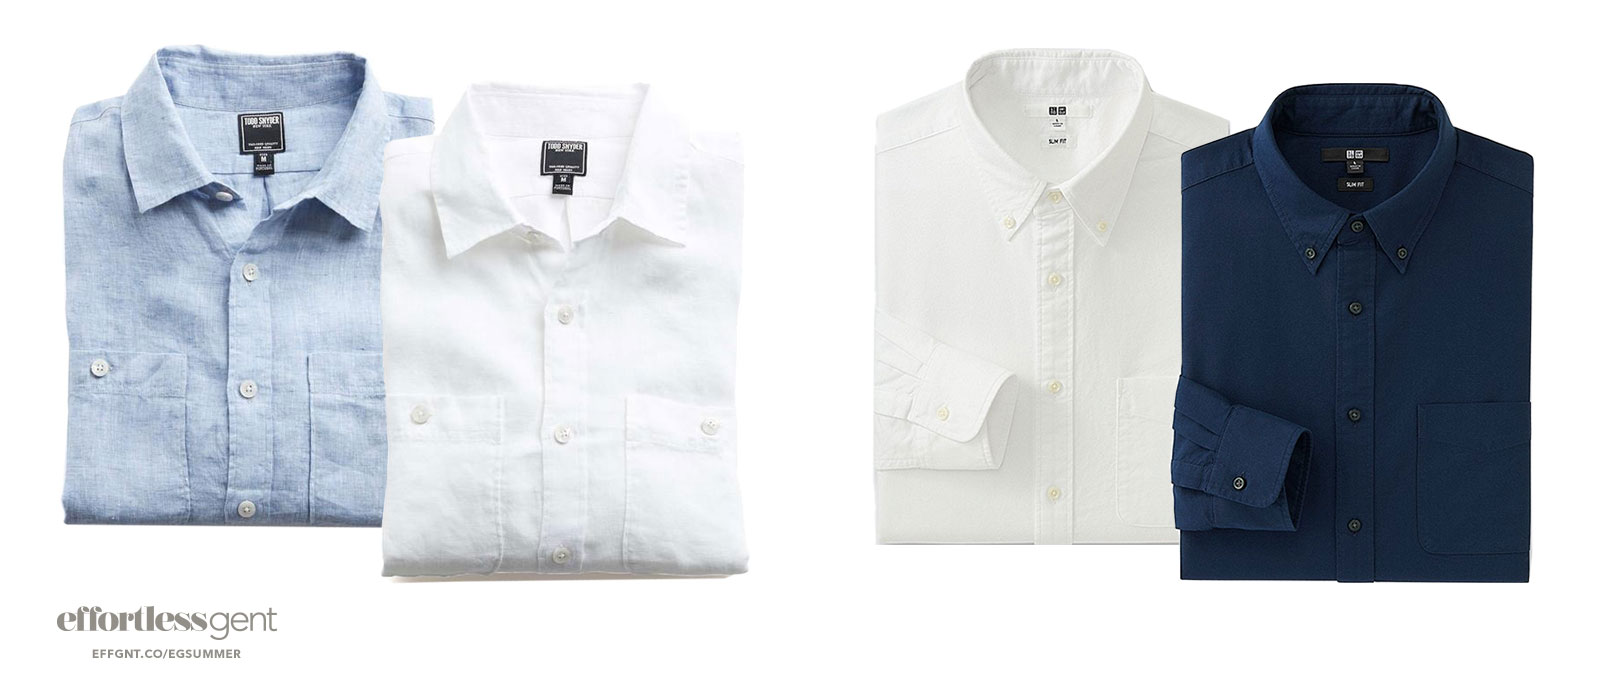 shirts - best lightweight mens shirts for summer